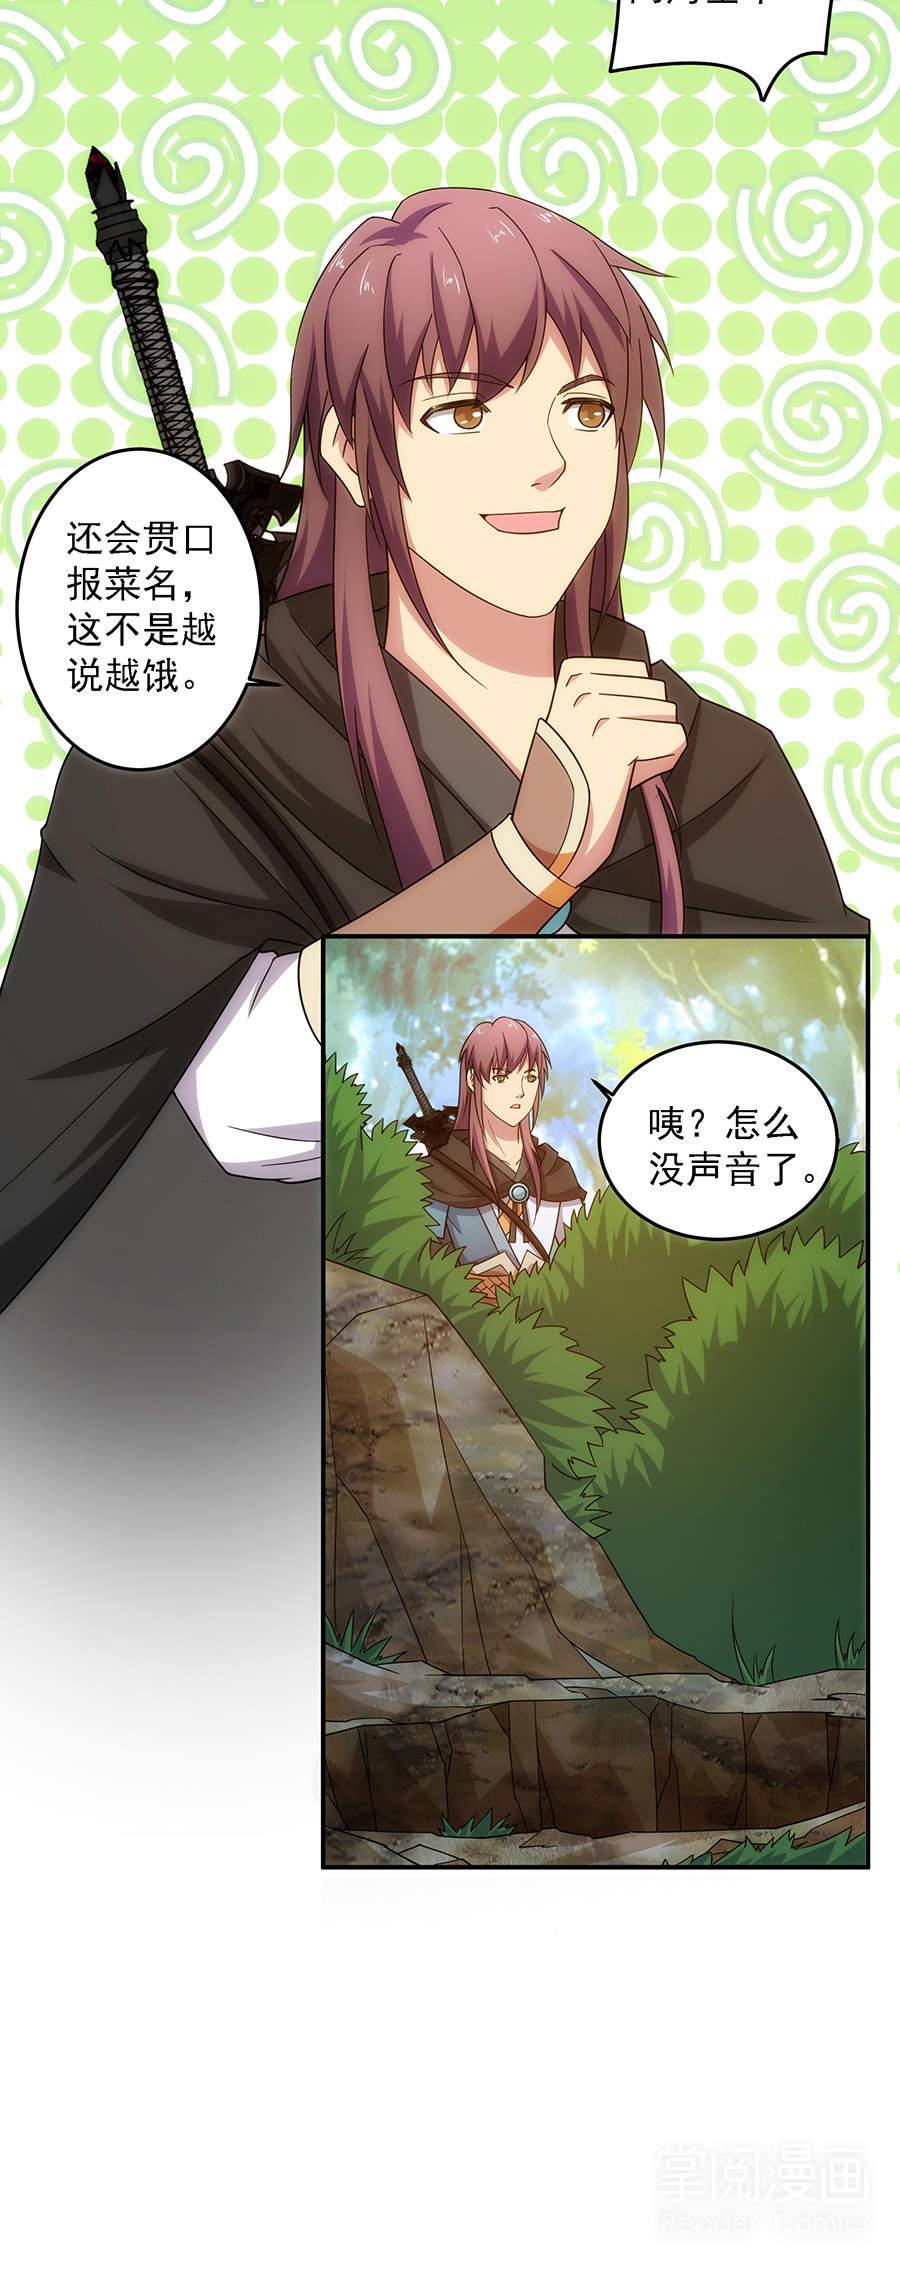 绝世剑神第35话  小叶小爷 第 4